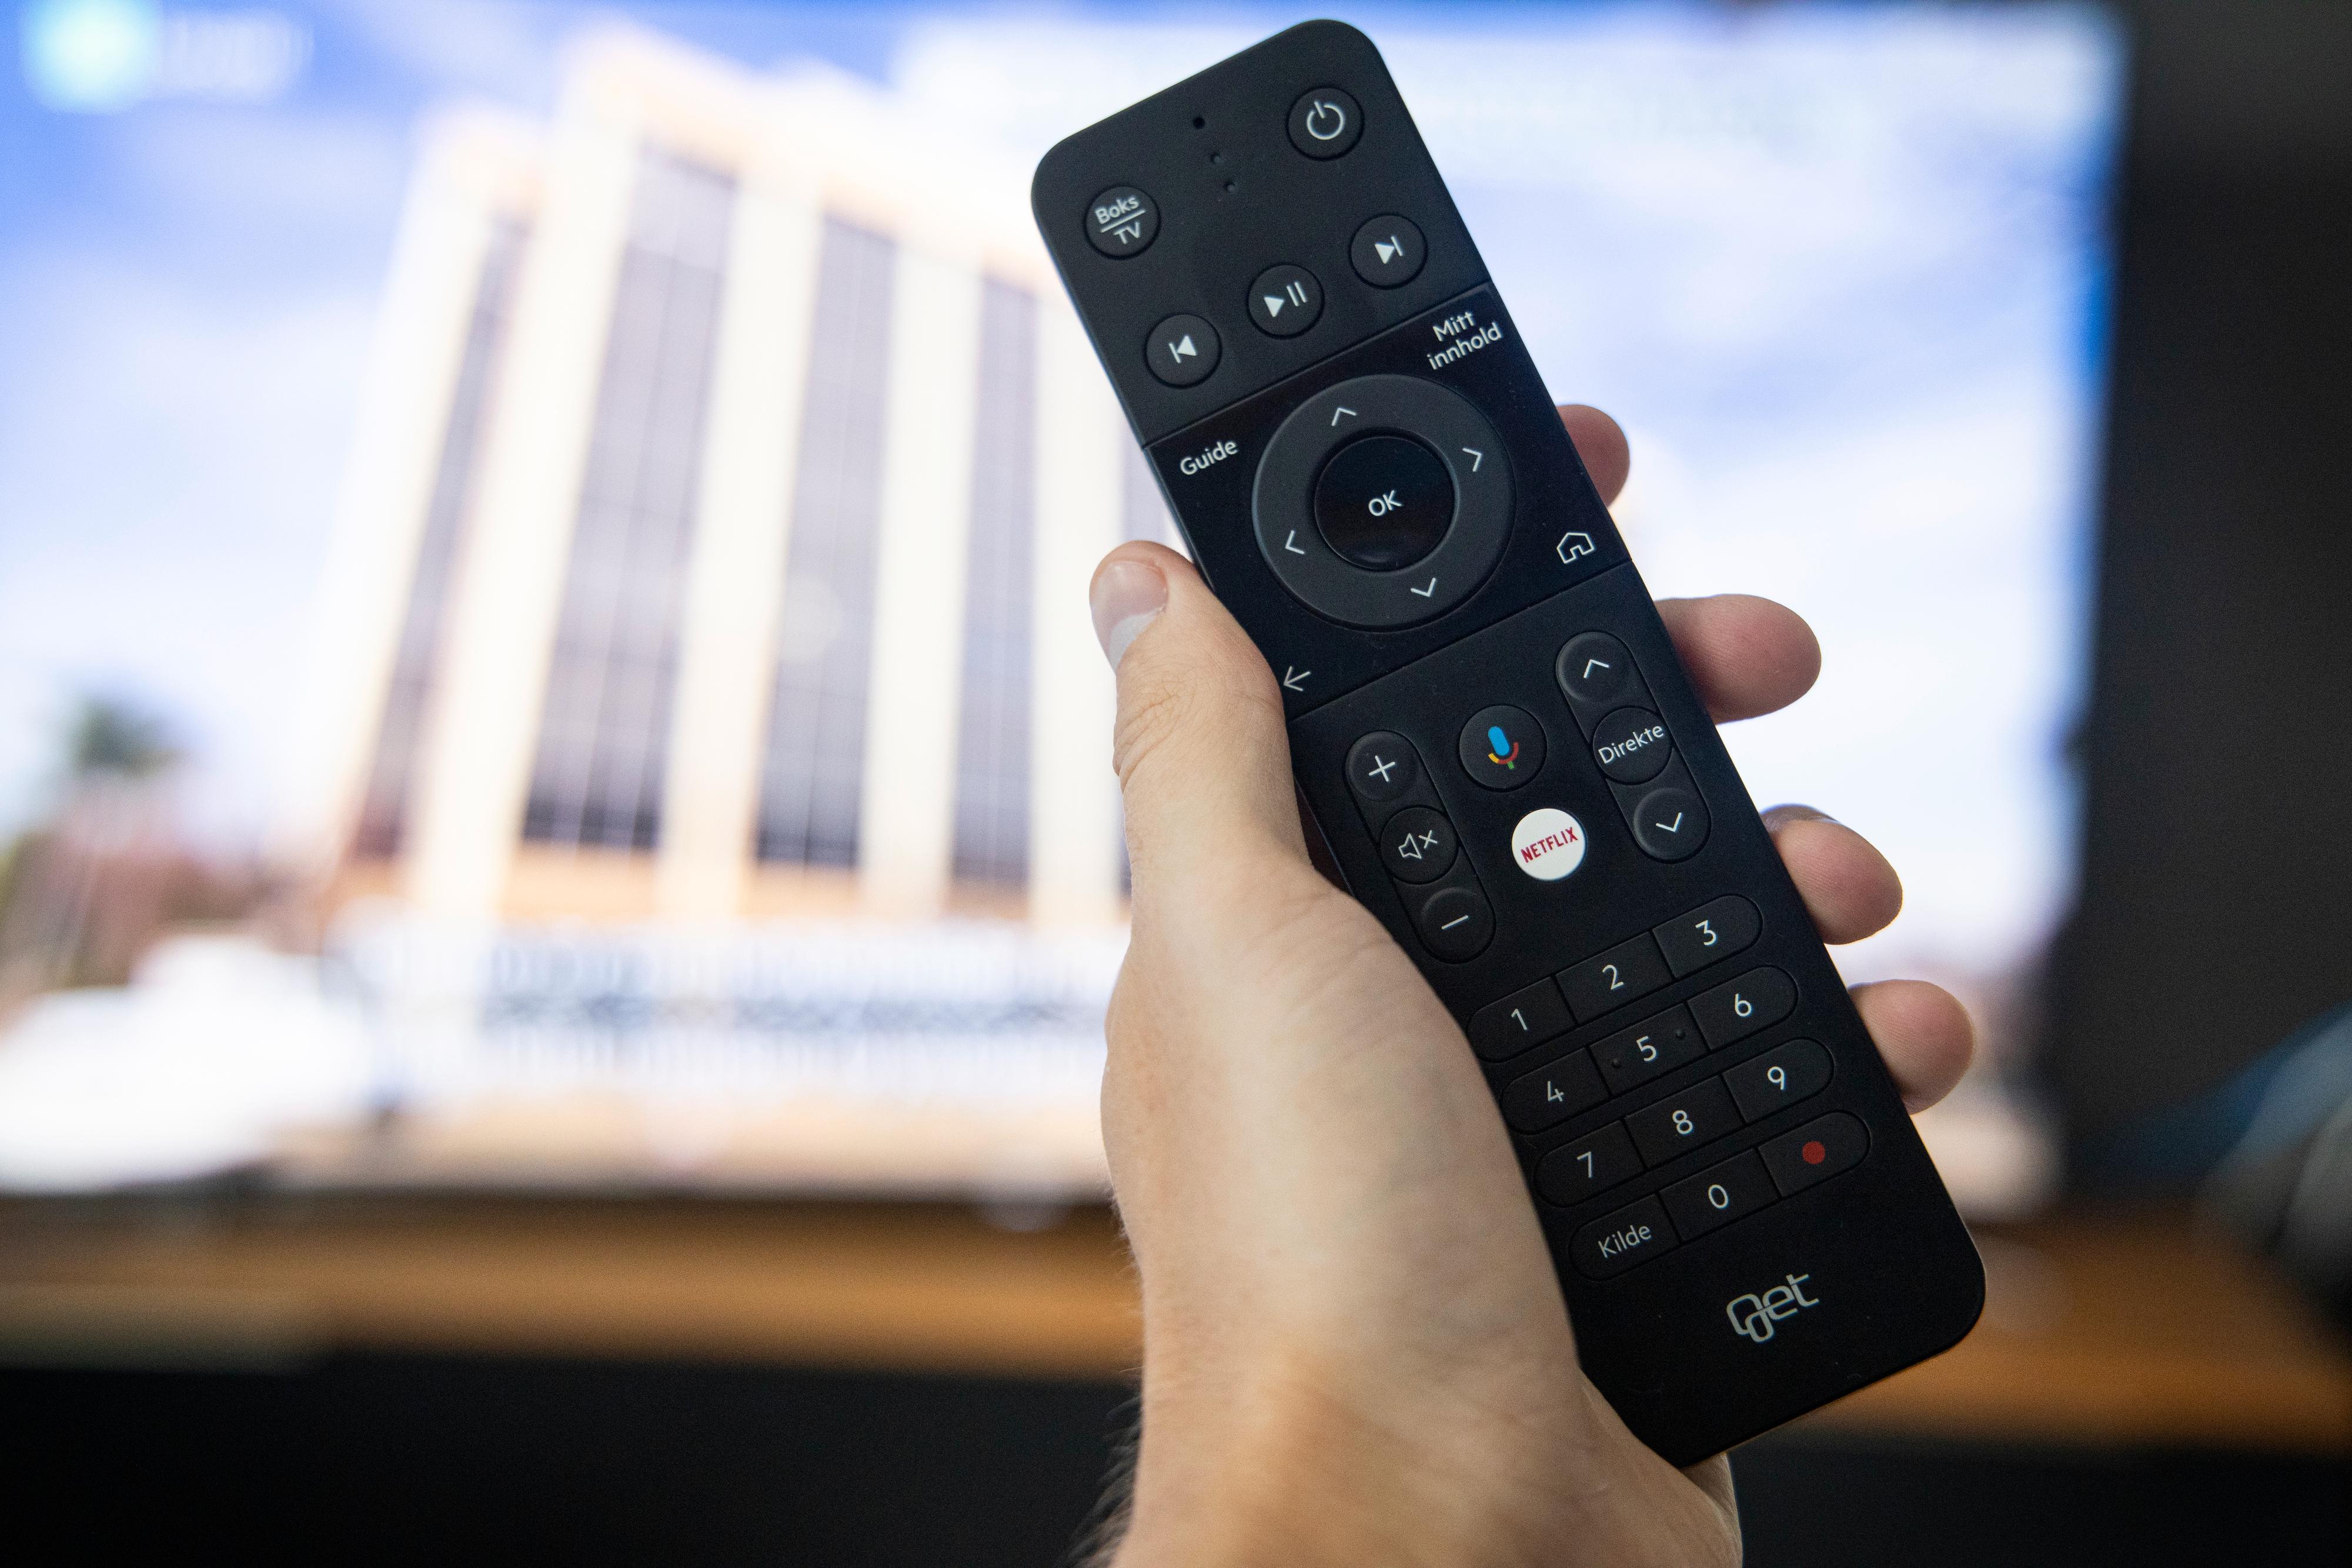 Fjernkontrollen er en rimelig standardisert sak som også kan brukes til å styre enkle TV-funksjoner. Den kan også brukes som mikrofon til Google Assistant.